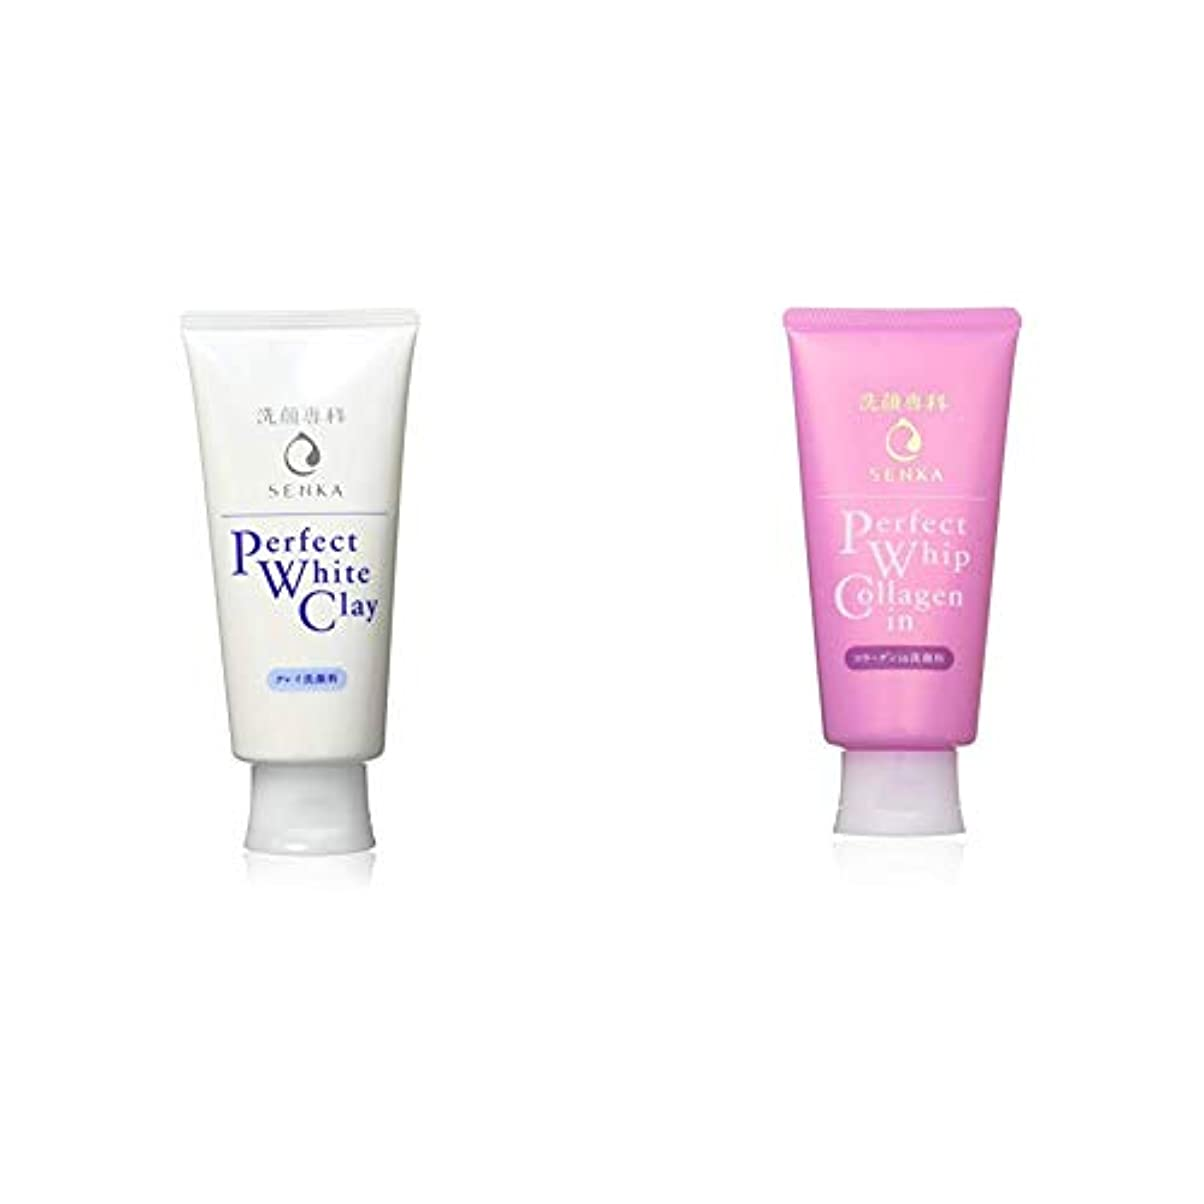 未亡人嫌がらせ添付洗顔専科 パーフェクトホワイトクレイ 洗顔料 120g & パーフェクトホイップ コラーゲンin 洗顔フォーム 120g